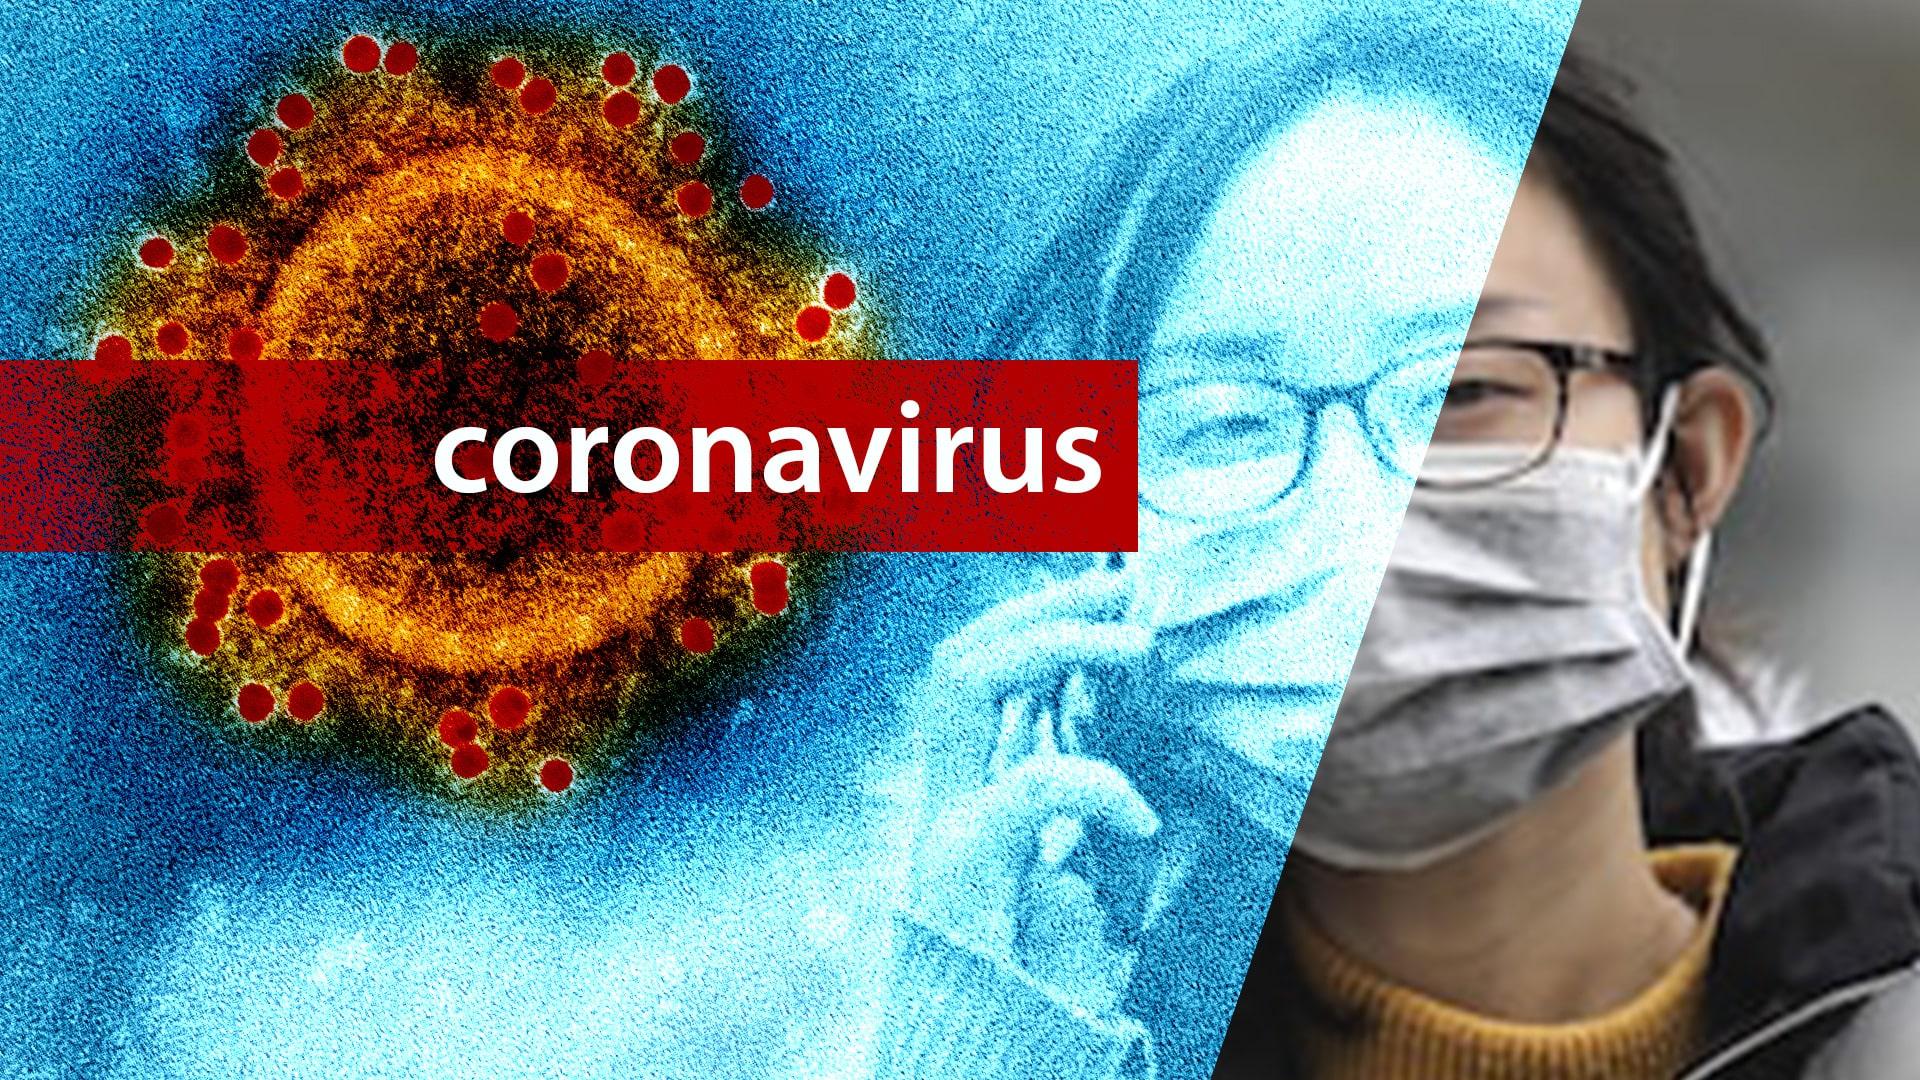 Allarme Coronavirus, i morti sono oltre 1300 : I kit per i test sono difettosi